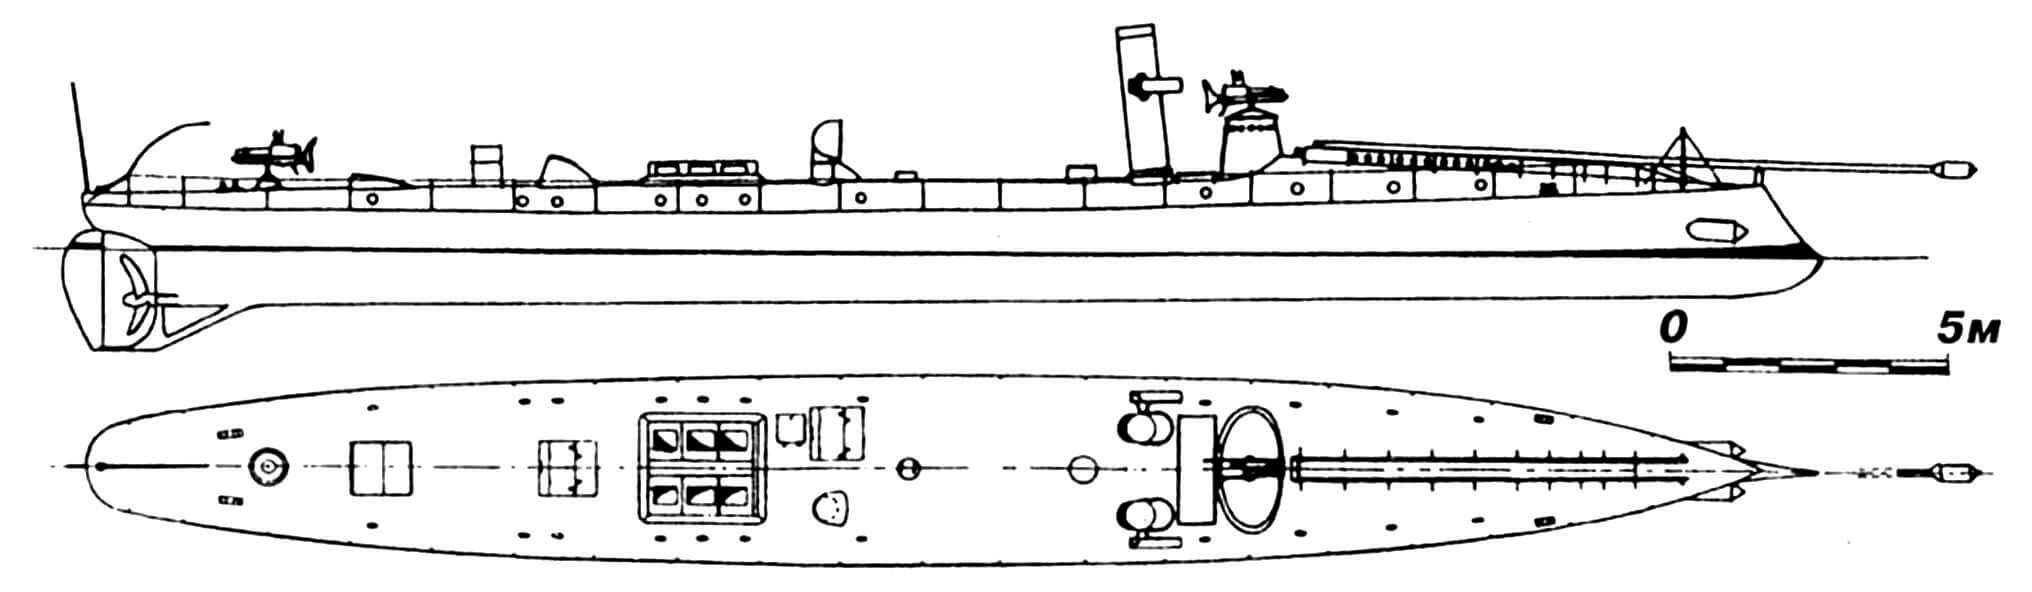 43.Миноносец «Бурханеддин», Турция, 1885 г. Строился во Франции фирмой «Форж э Шантье». Водоизмещение нормальное 38 т. Длина наибольшая 31,7 м, ширина 3,6 м, осадка 1,7 м. Мощность одновальной паросиловой установки 525 л.с., скорость 17 узлов. Вооружение: два торпедных аппарата, шестовая мина, 34-мм и 25-мм револьверные пушки Норденфельта. Всего построено шесть единиц: «Бурханеддин» и «Тевфик» в 1885 г. во Франции; «Меджидие», «Эзери-Теракки», «Нимет» и «Шанавер» в 1886—1893 гг. в Турции (верфь «Герсане-и-Амире» в Стамбуле). Все сданы на слом в 1909 г.